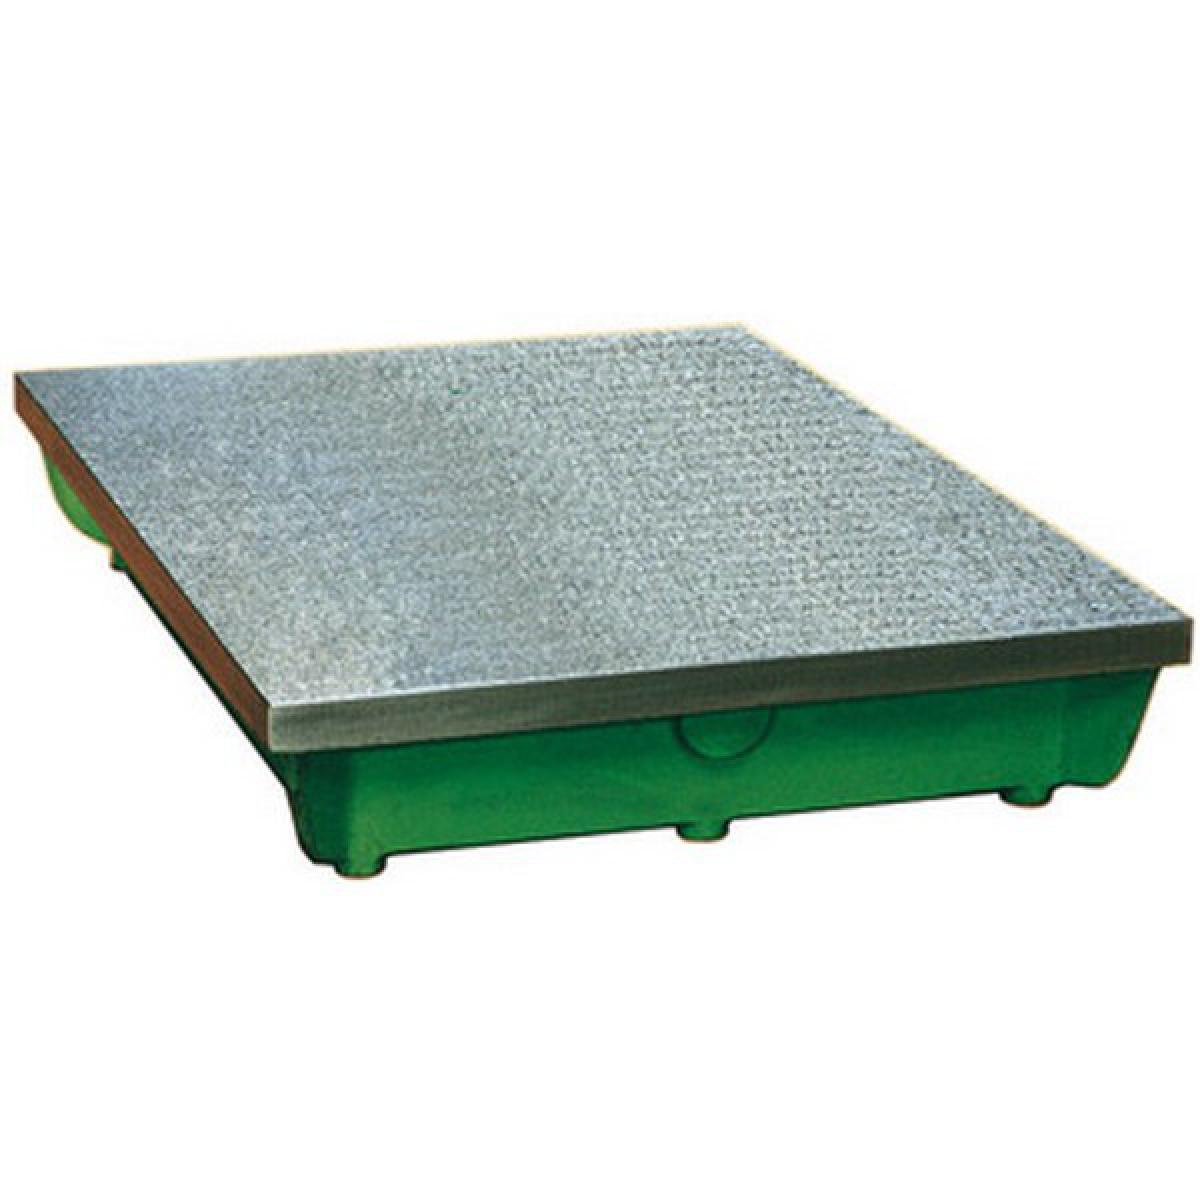 Protec Plaque à tracer et à dresser, qualité 3, Taille : 300 x 300 mm, Précision µm qualité 3 52, Poids env. 15 kg